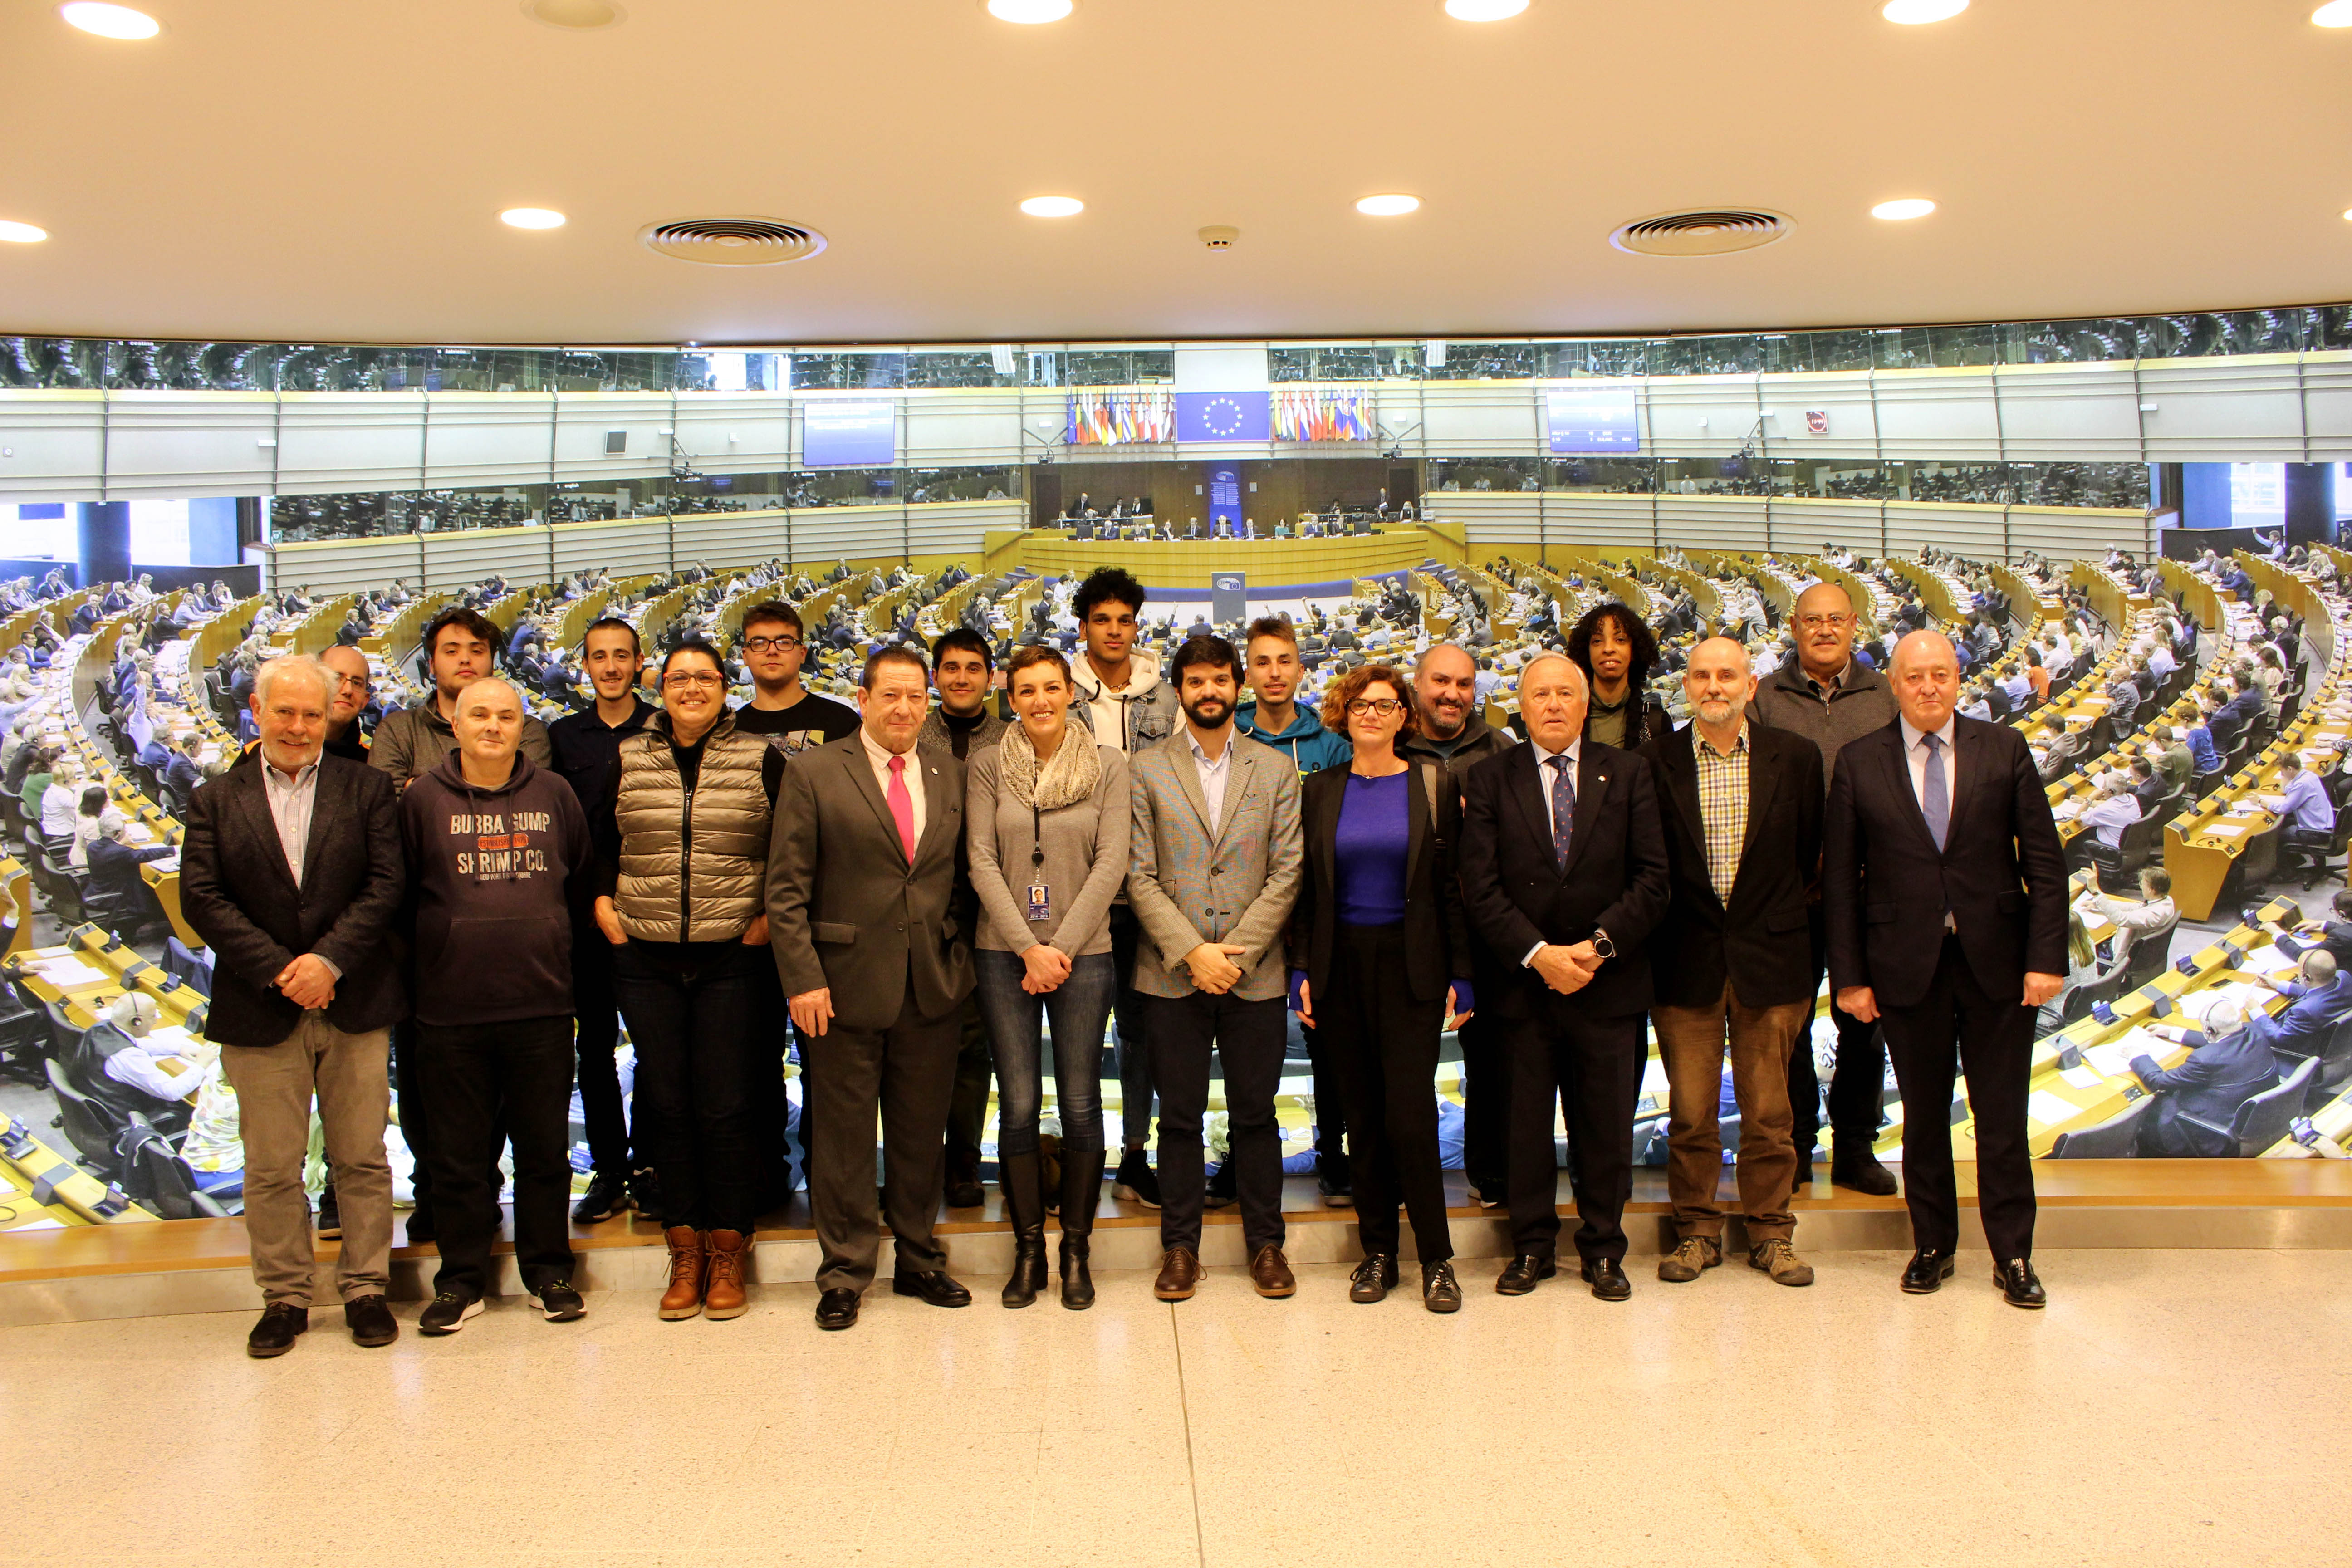 Soteras, junt als joves participants en els programes d'acció social INSERsport i Welcome League, a Brussel·les / UFEC